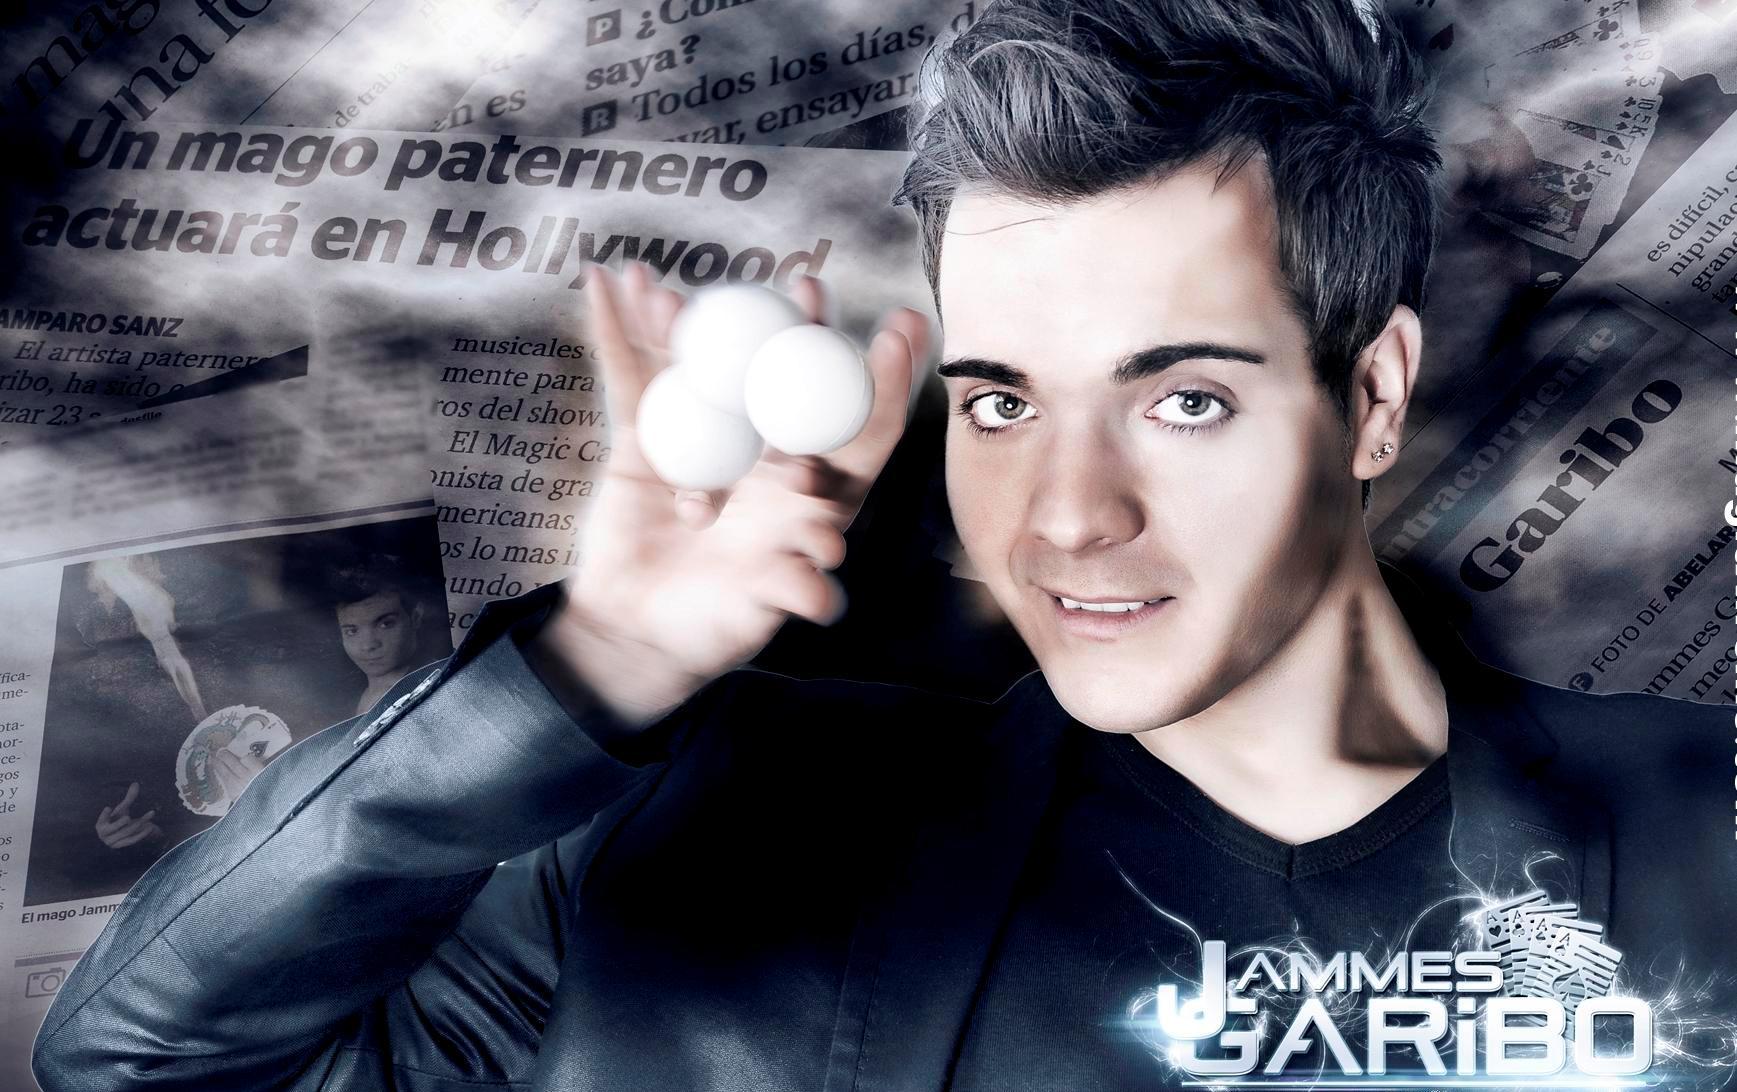 James Garibo - 2